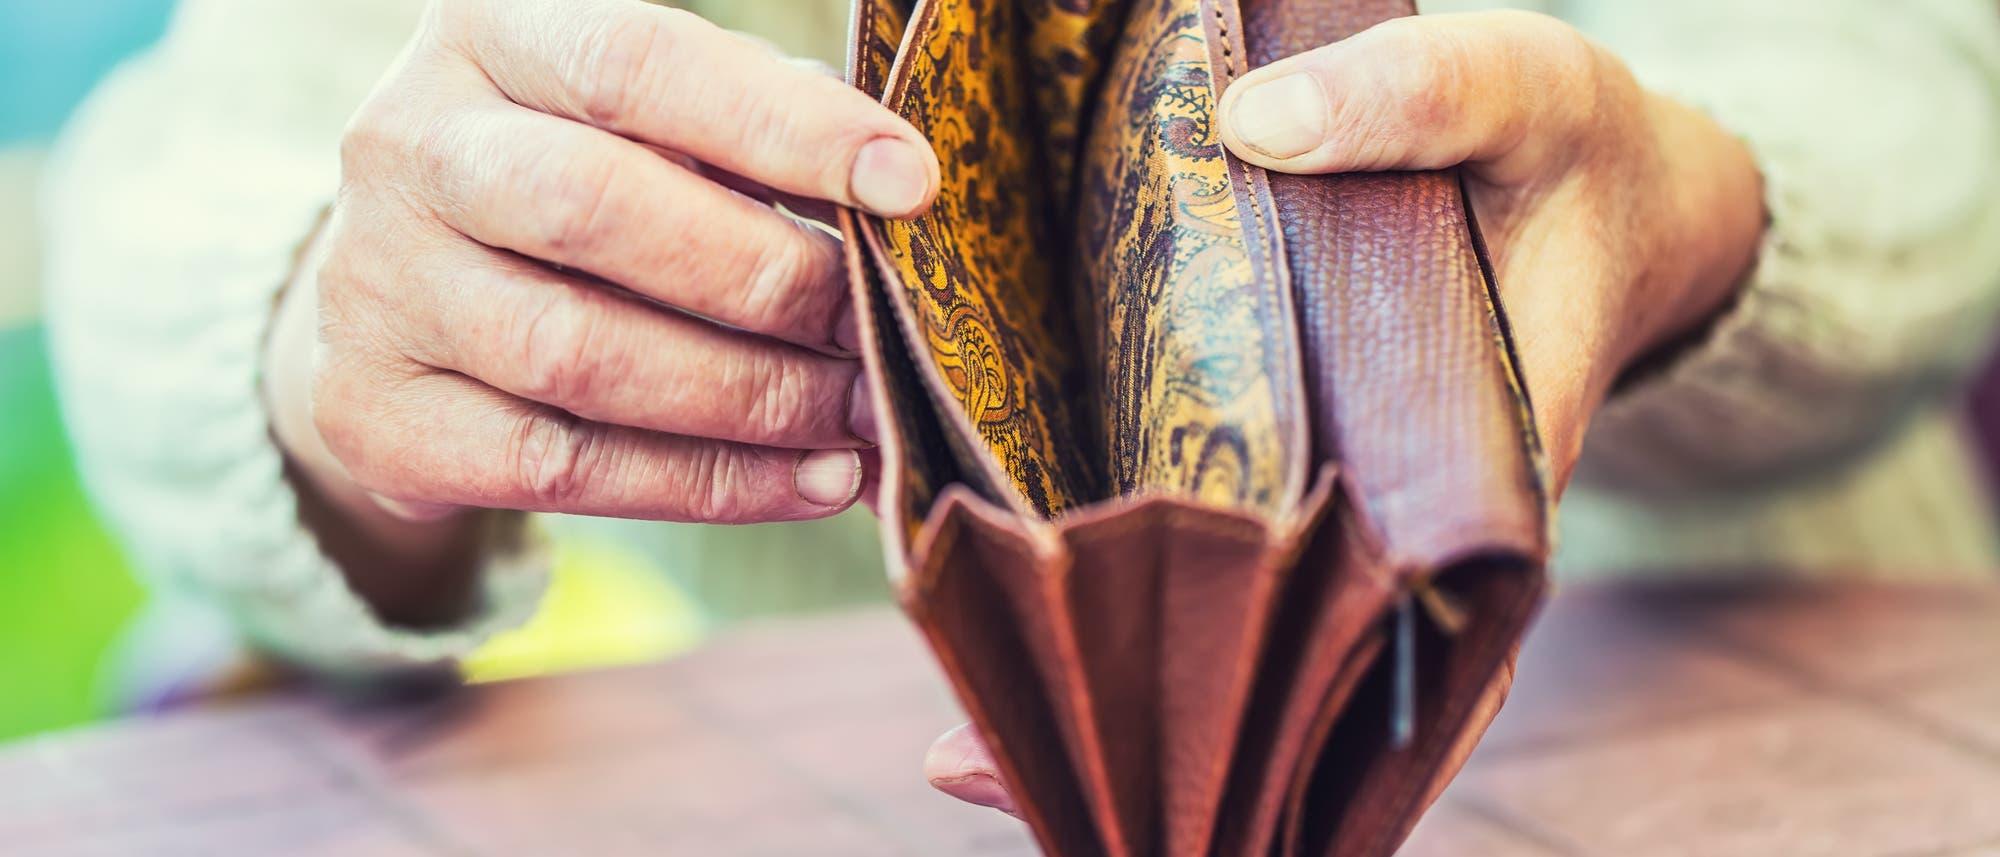 Brieftasche ohne Geld